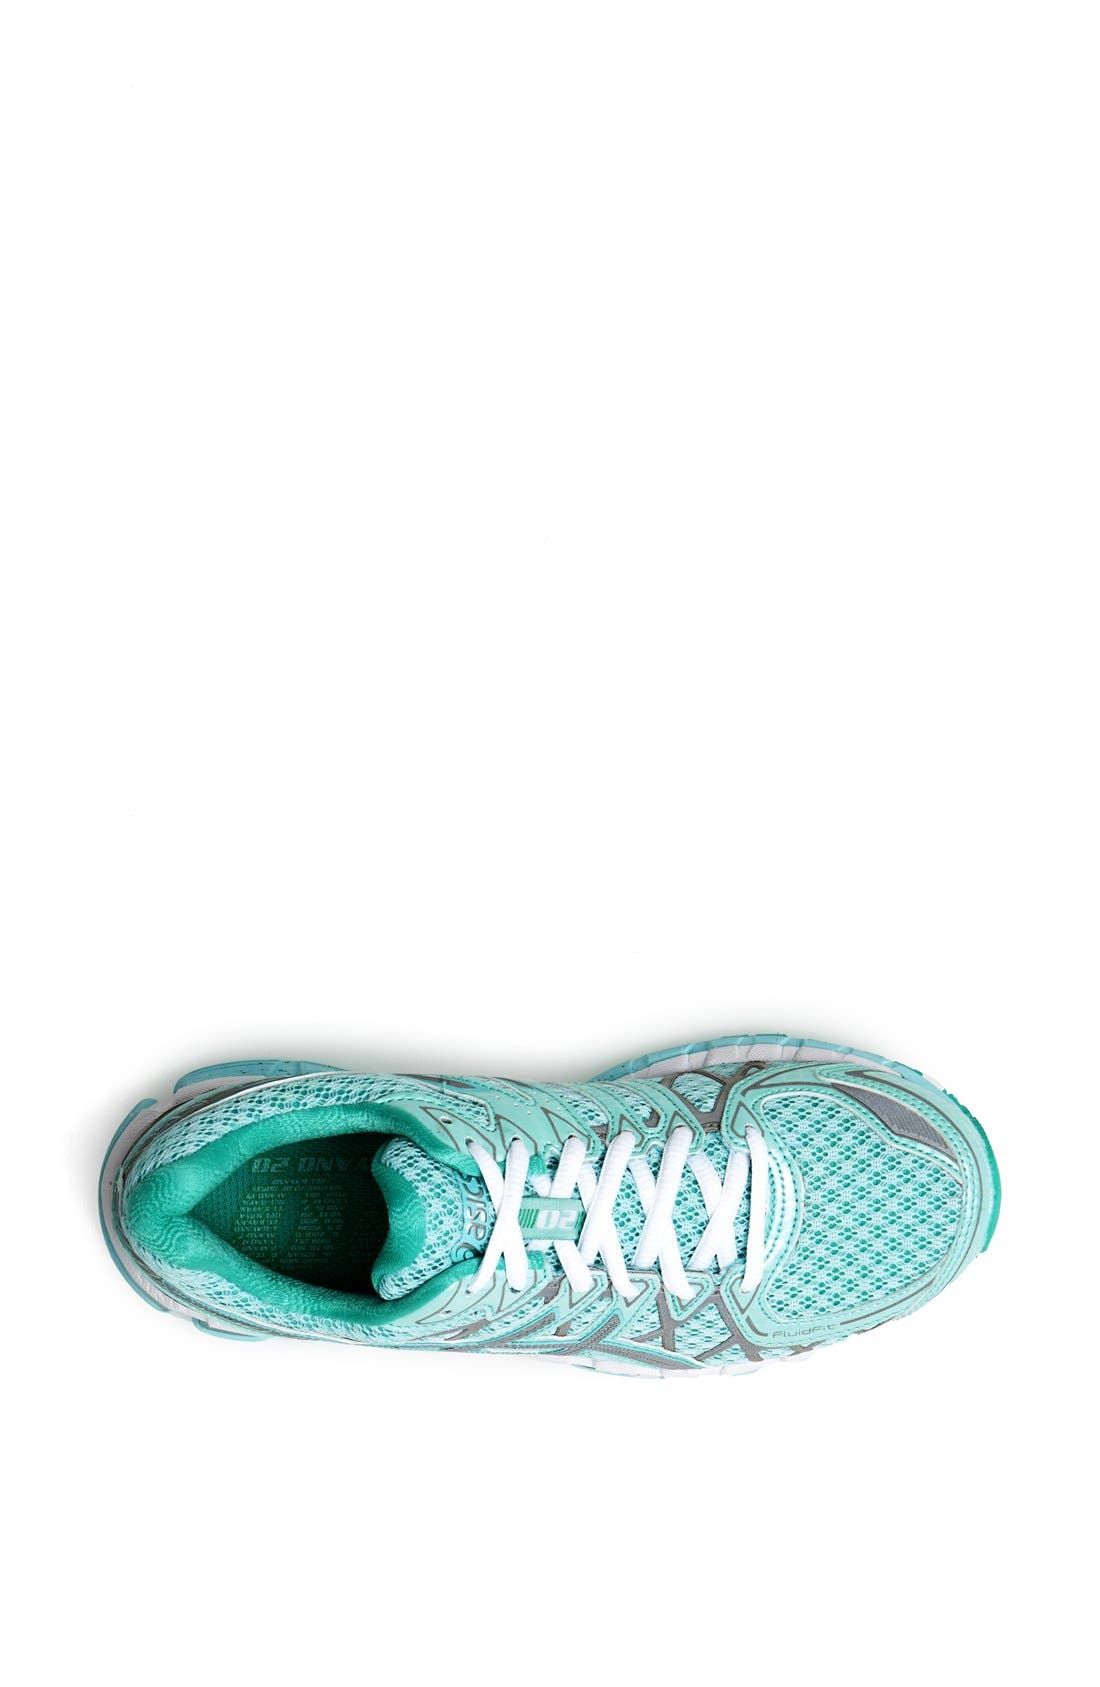 Alternate Image 3  - ASICS® 'GEL-Kayano® 20 Lite' Running Shoe (Women) (Regular Retail Price: $169.95)